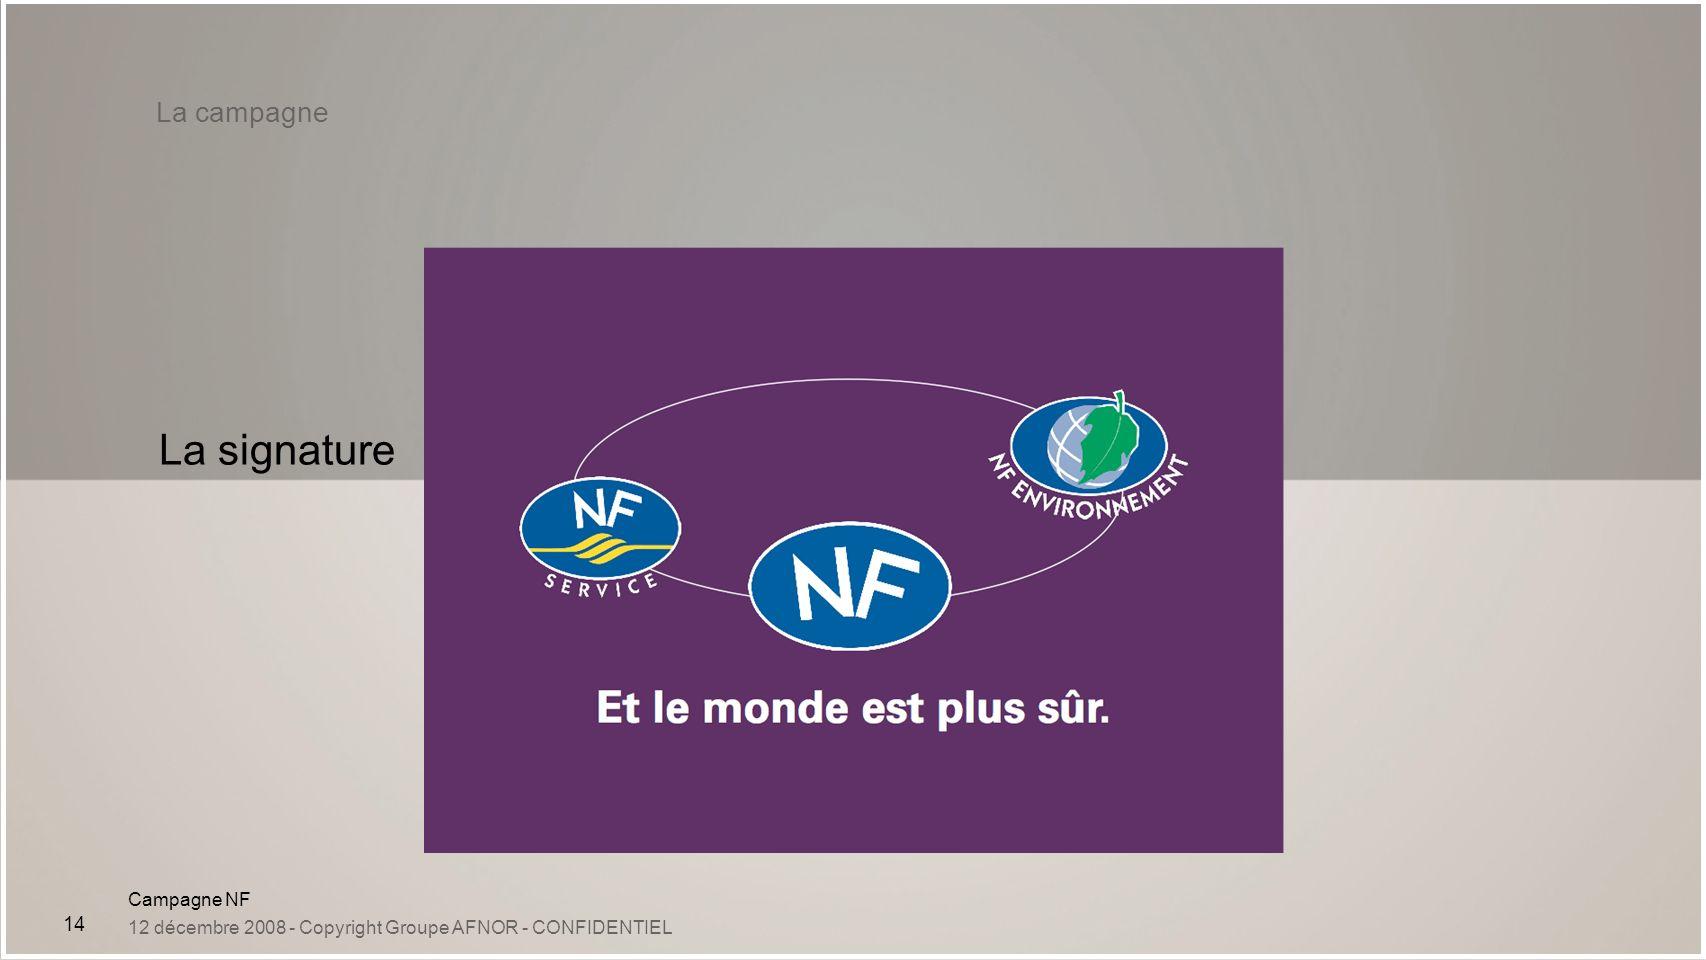 Campagne NF 12 décembre 2008 - Copyright Groupe AFNOR - CONFIDENTIEL 14 La campagne La signature